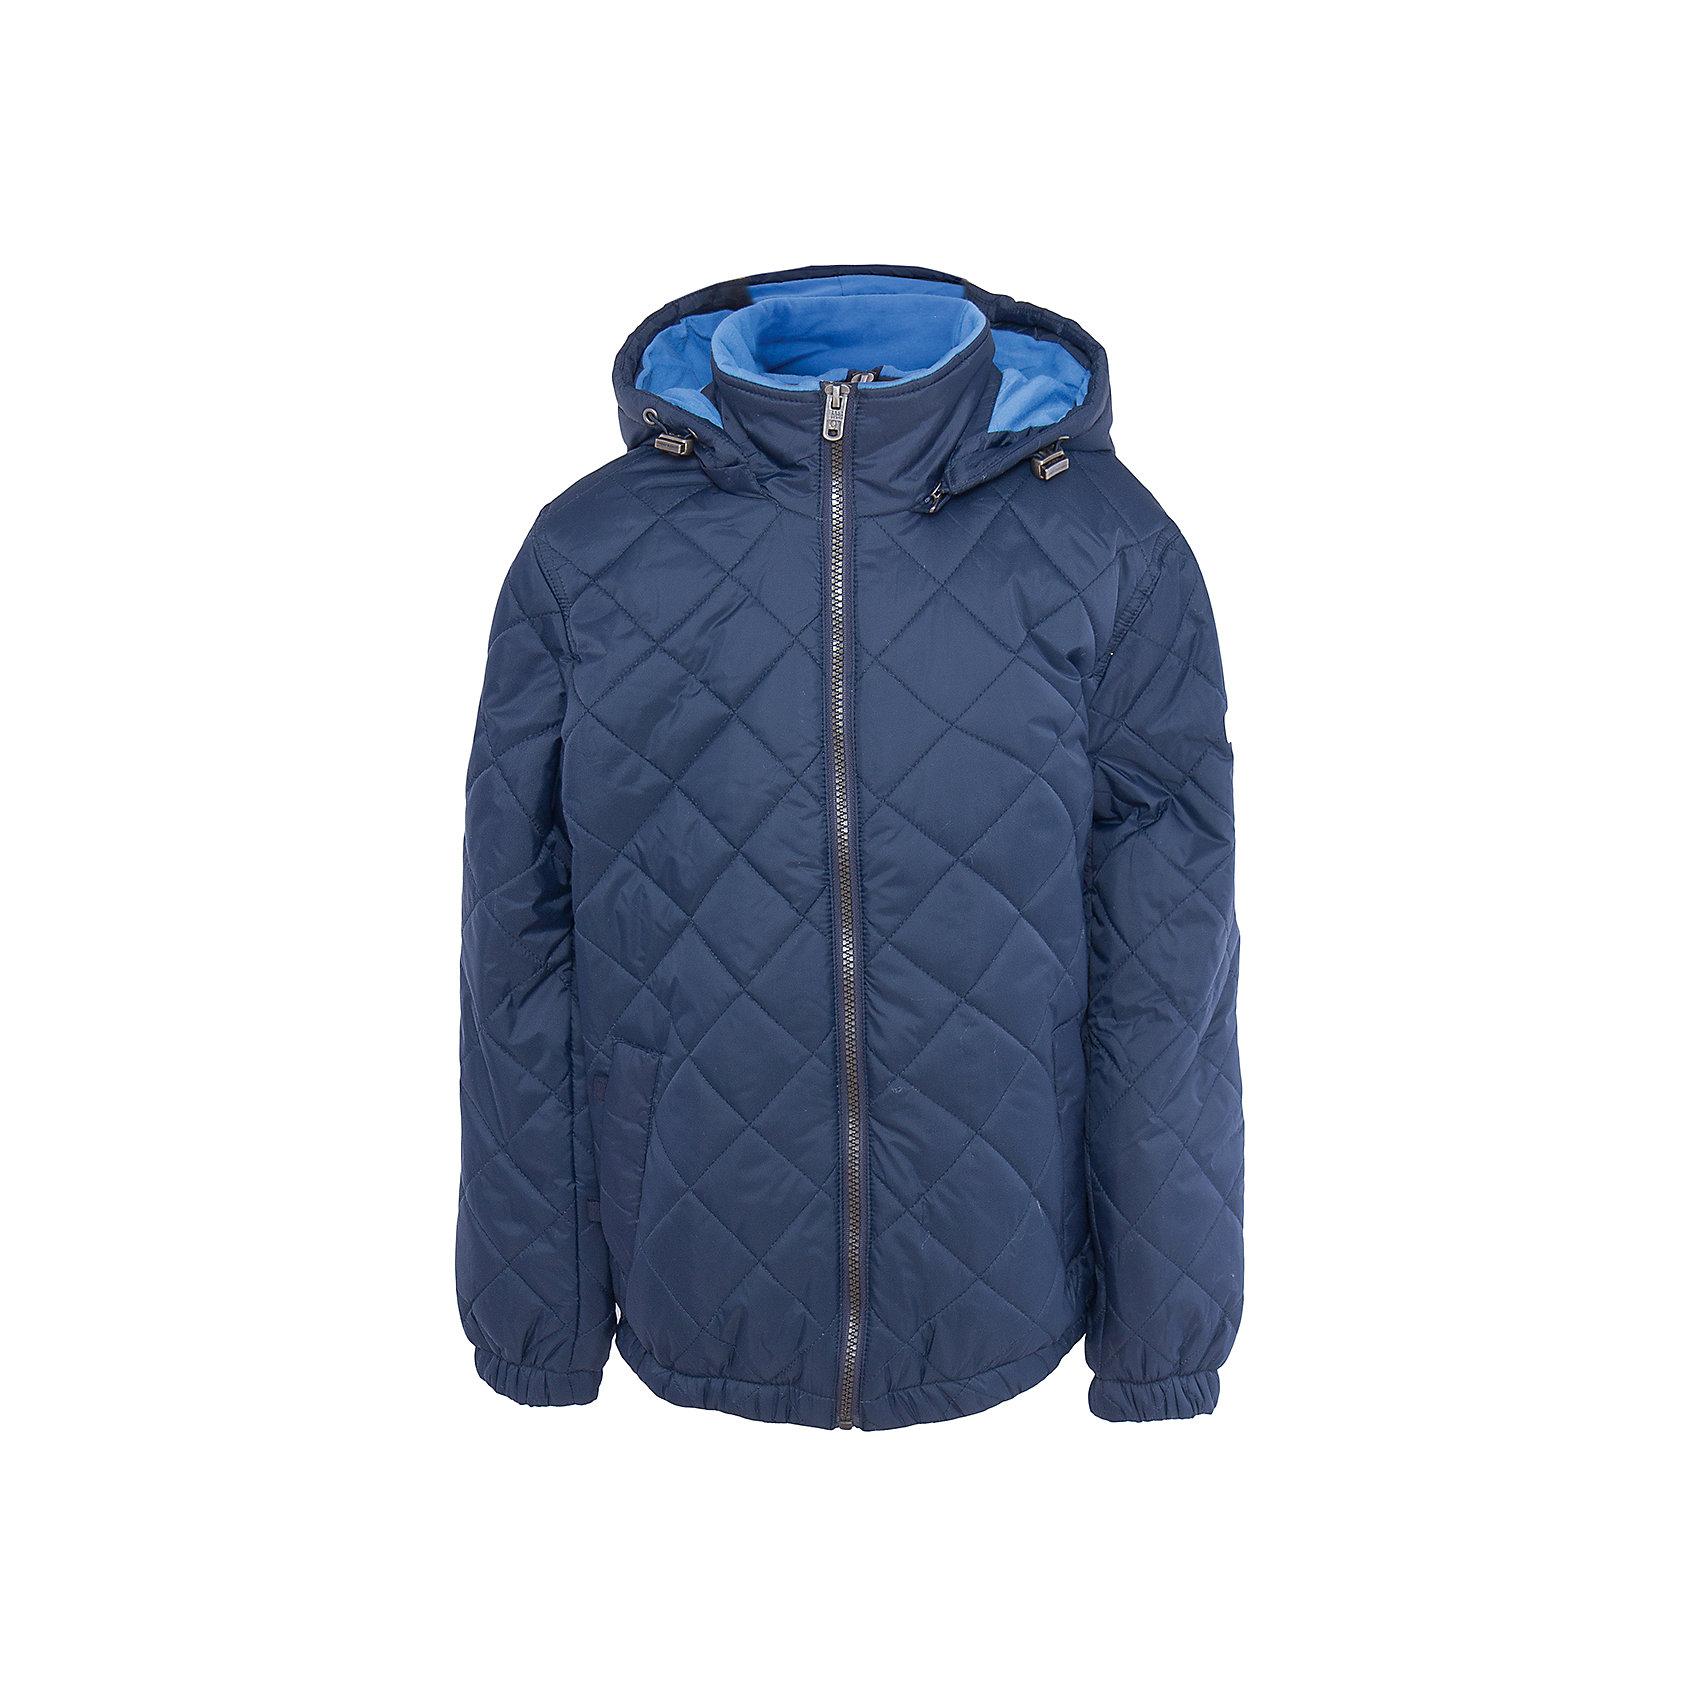 Куртка для мальчика SELAВерхняя одежда<br>Характеристики товара:<br><br>• цвет: тёмно-синий<br>• состав: 100% нейлон<br>• температурный режим: от +5°до +15°С<br>• подкладка: 100% хлопок<br>• утеплитель: 100% полиэстер<br>• демисезон<br>• воротник-стойка<br>• молния<br>• стеганая<br>• капюшон с кулиской<br>• капюшон съёмный<br>• два кармана на кнопках<br>• коллекция весна-лето 2017<br>• страна бренда: Российская Федерация<br>• страна производитель: Китай<br><br>Вещи из новой коллекции SELA продолжают радовать удобством! Легкая куртка для мальчика поможет разнообразить гардероб ребенка и обеспечить комфорт. Она отлично сочетается с джинсами и брюками. Очень стильно смотрится!<br><br>Одежда, обувь и аксессуары от российского бренда SELA не зря пользуются большой популярностью у детей и взрослых! Модели этой марки - стильные и удобные, цена при этом неизменно остается доступной. Для их производства используются только безопасные, качественные материалы и фурнитура. Новая коллекция поддерживает хорошие традиции бренда! <br><br>Куртку для мальчика от популярного бренда SELA (СЕЛА) можно купить в нашем интернет-магазине.<br><br>Ширина мм: 356<br>Глубина мм: 10<br>Высота мм: 245<br>Вес г: 519<br>Цвет: синий<br>Возраст от месяцев: 108<br>Возраст до месяцев: 120<br>Пол: Мужской<br>Возраст: Детский<br>Размер: 140,152,116,128<br>SKU: 5305143